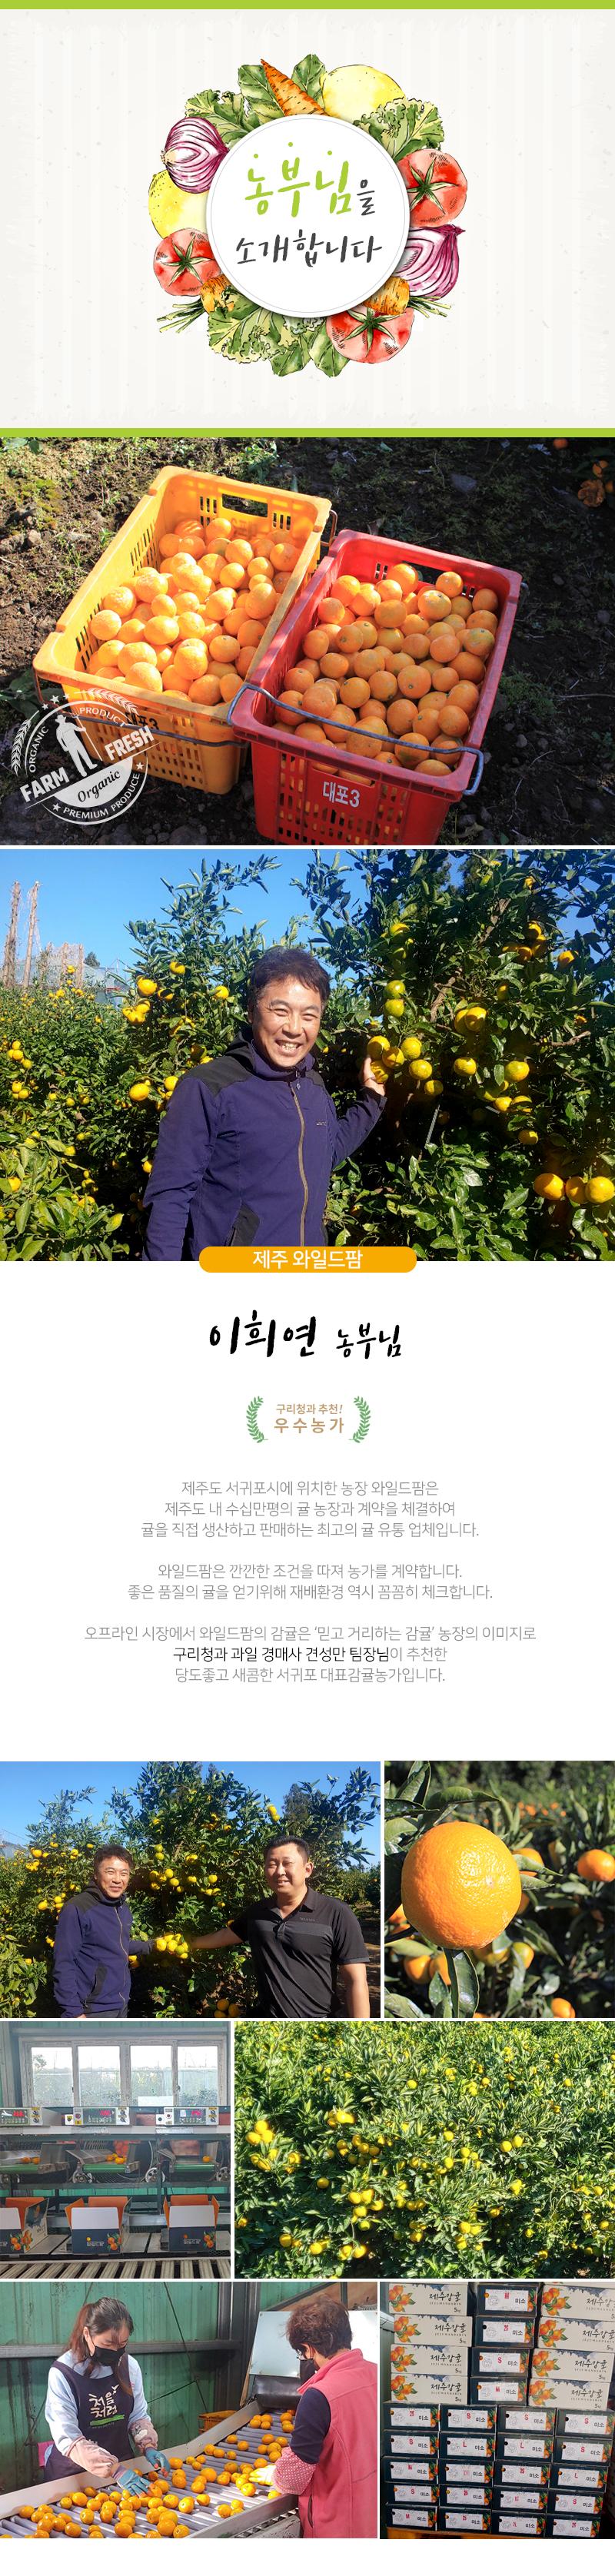 제주감귤_와일드팜_이희연.jpg